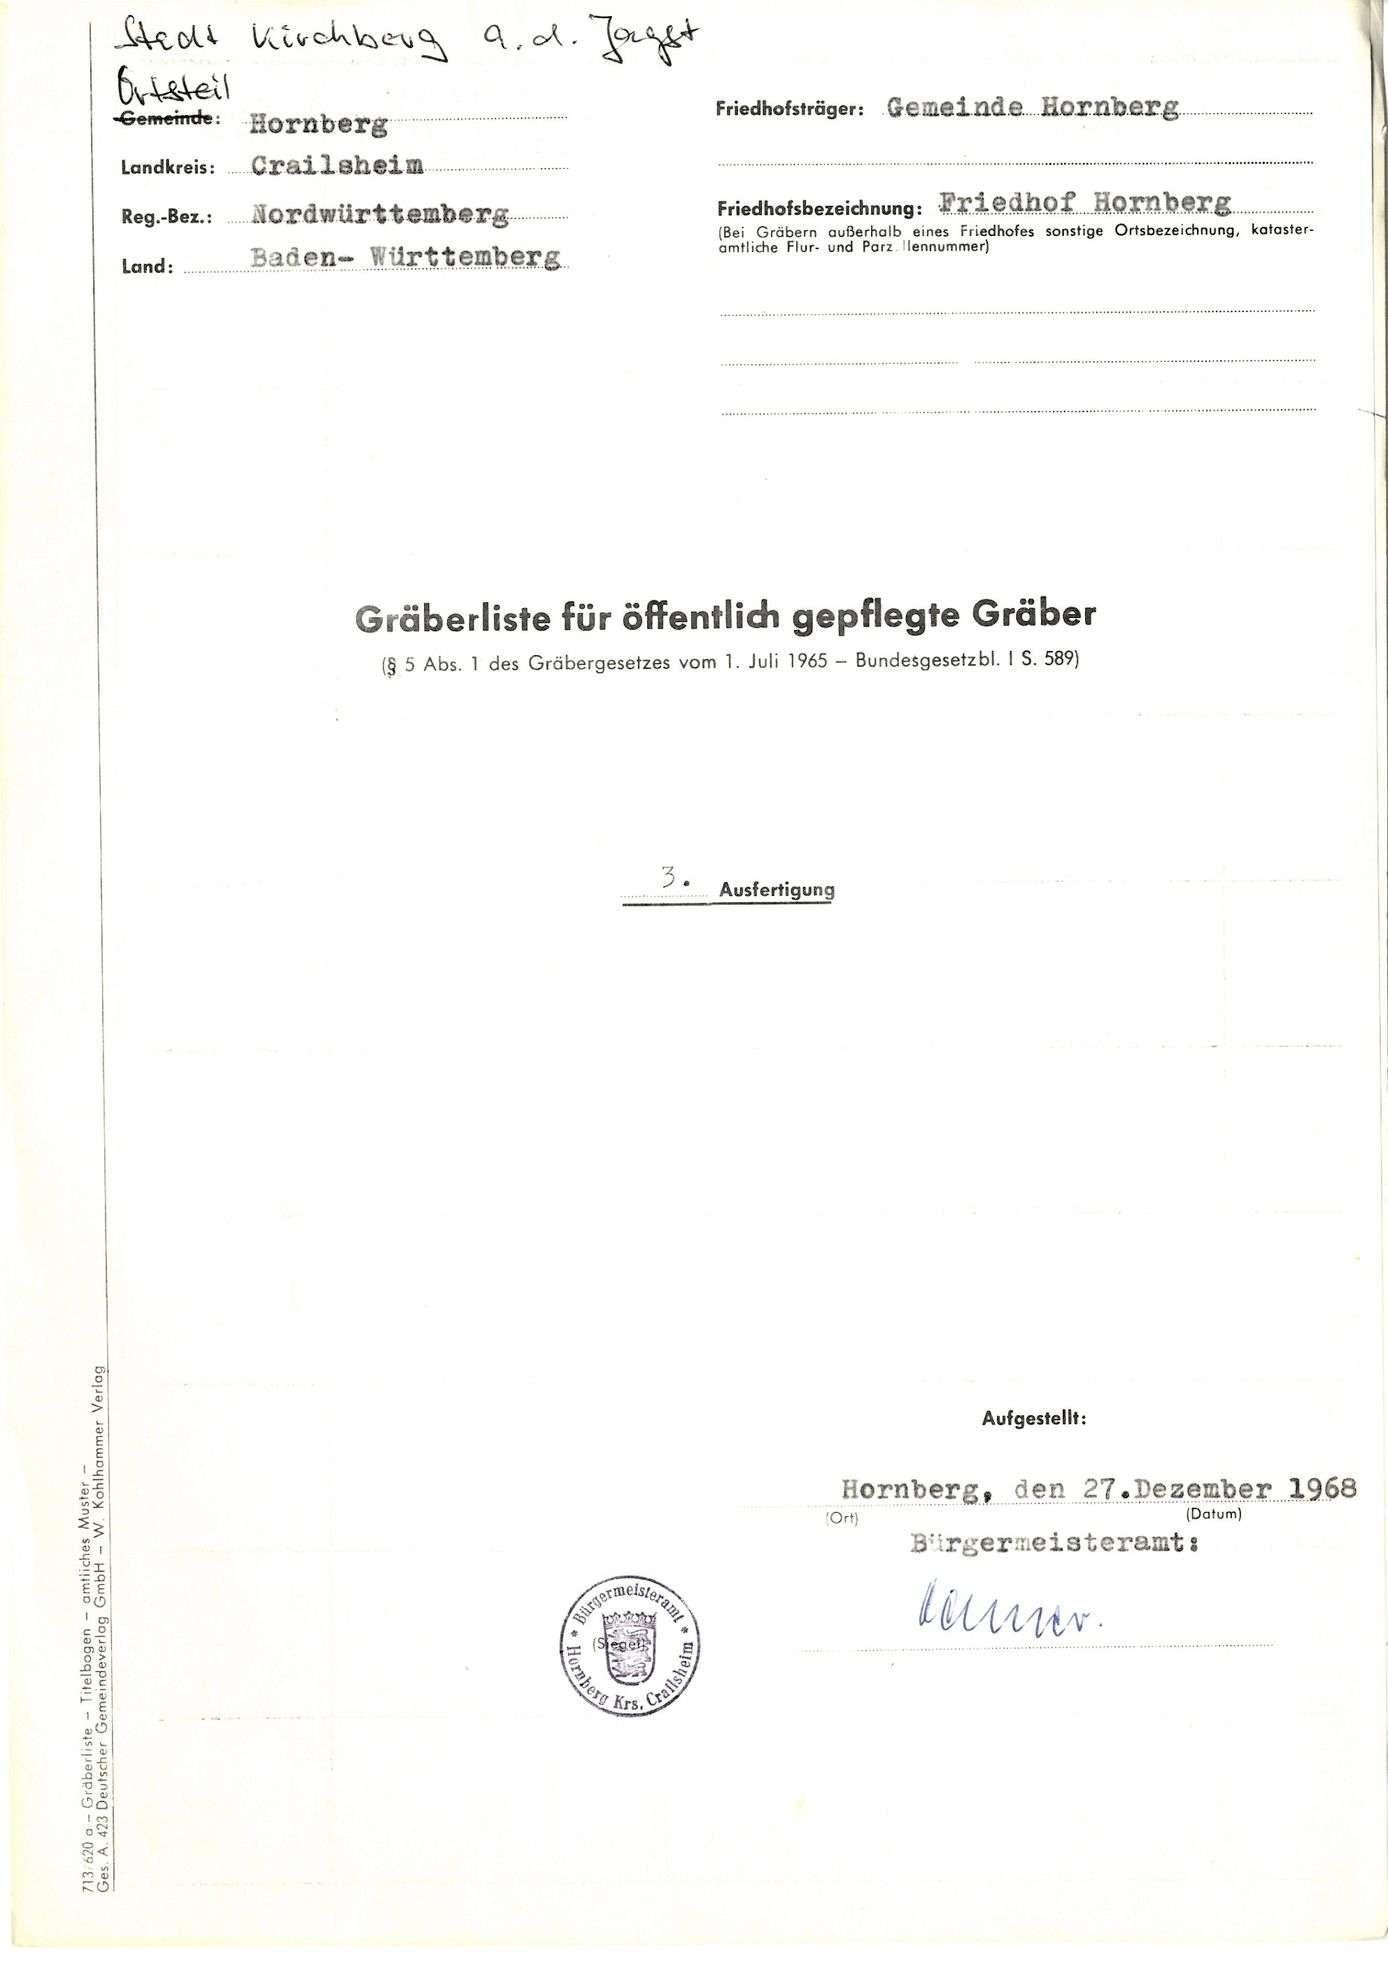 Hornberg, Bild 1